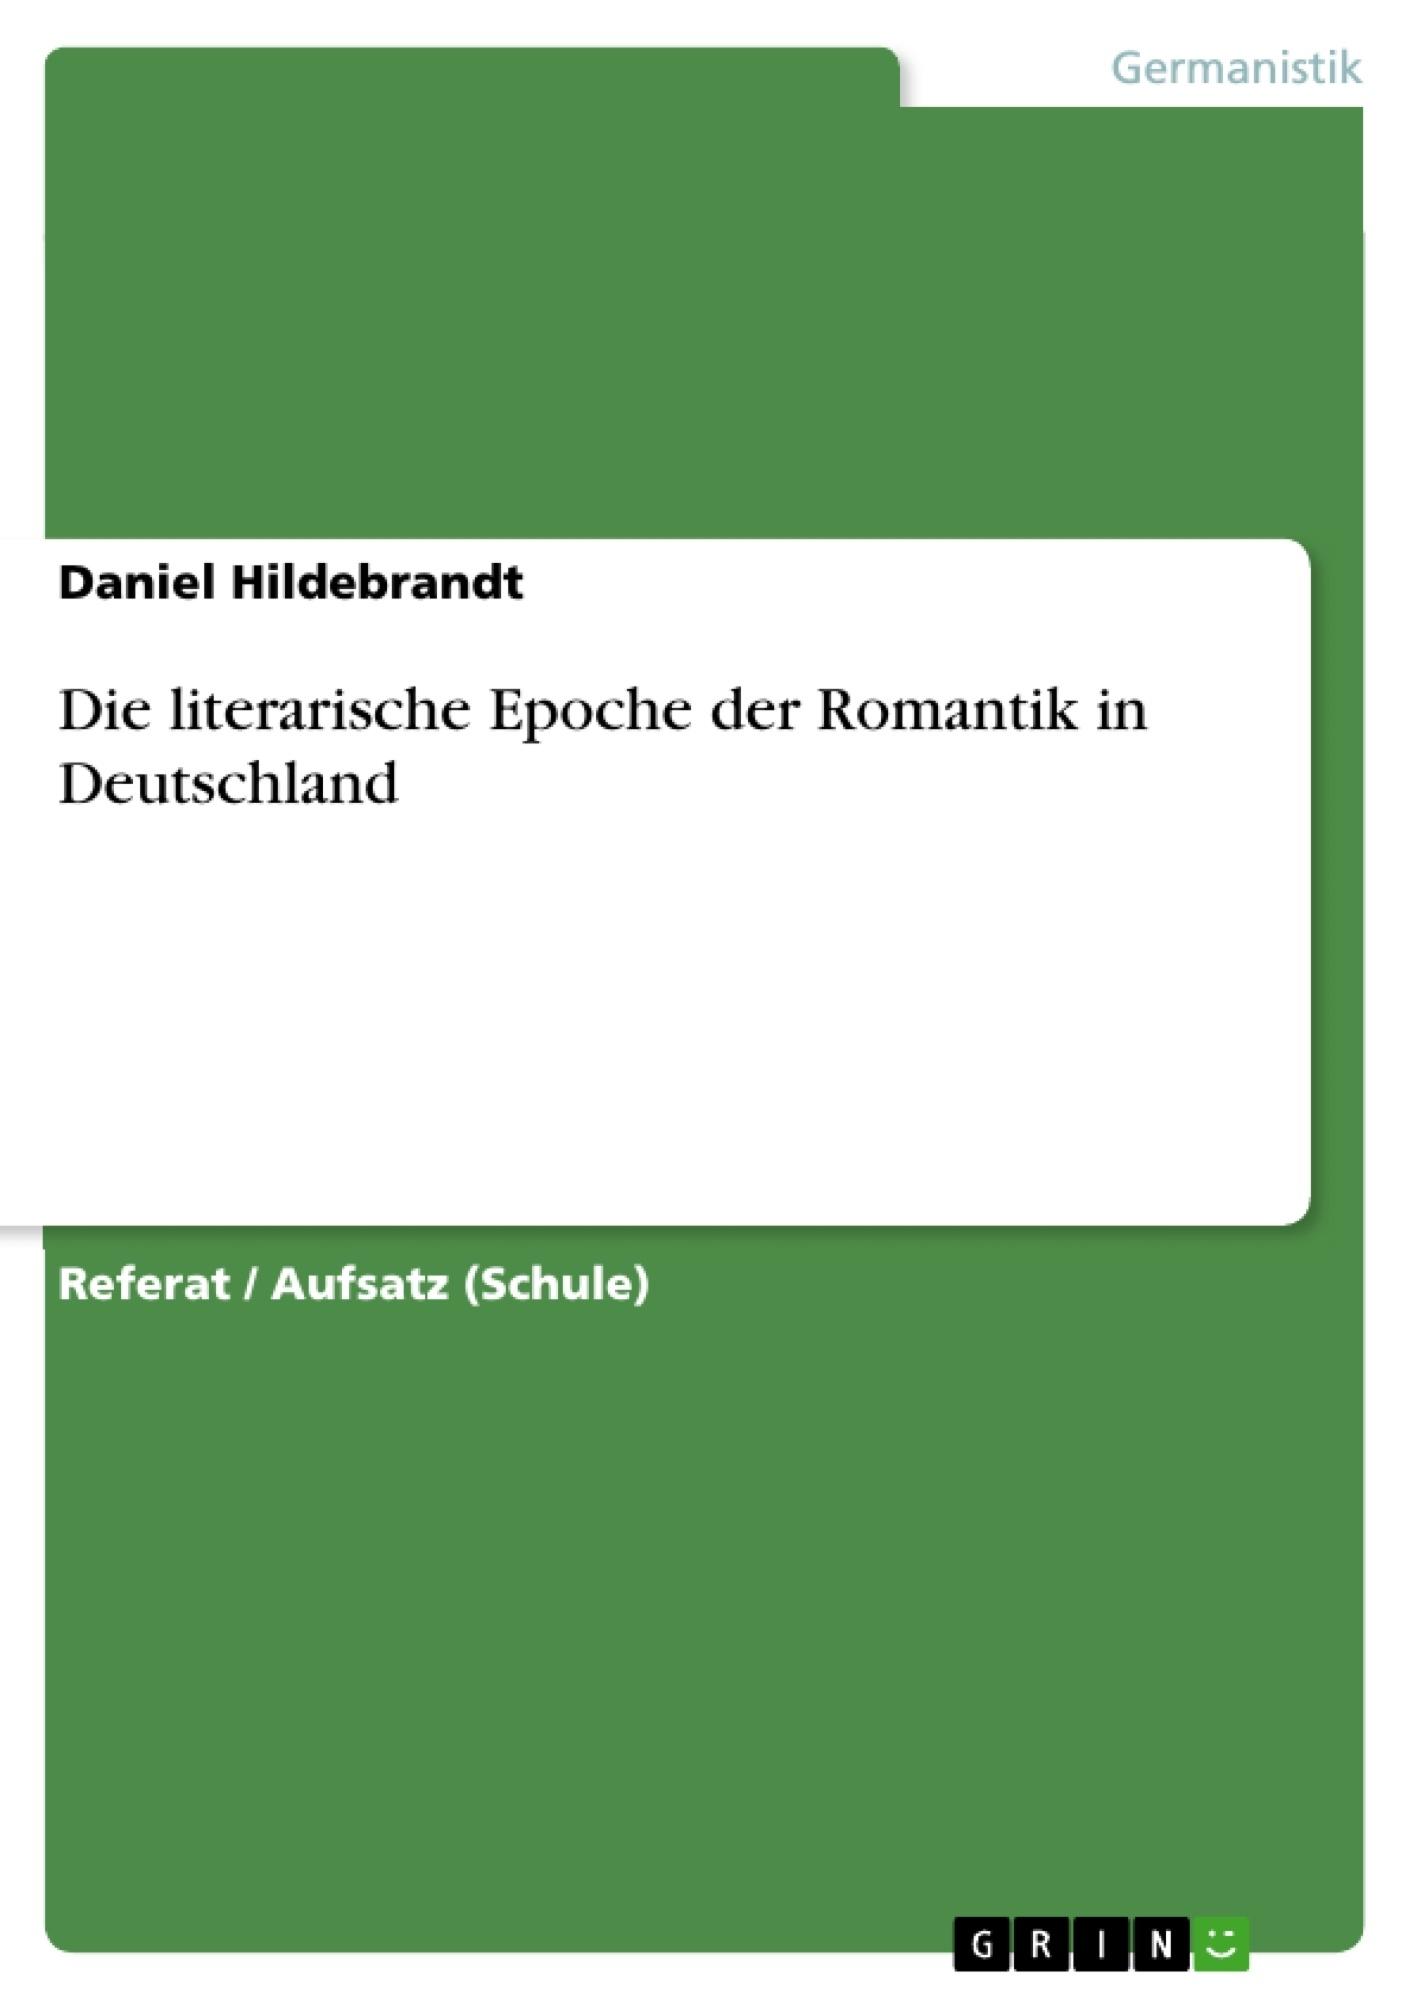 Titel: Die literarische Epoche der Romantik in Deutschland